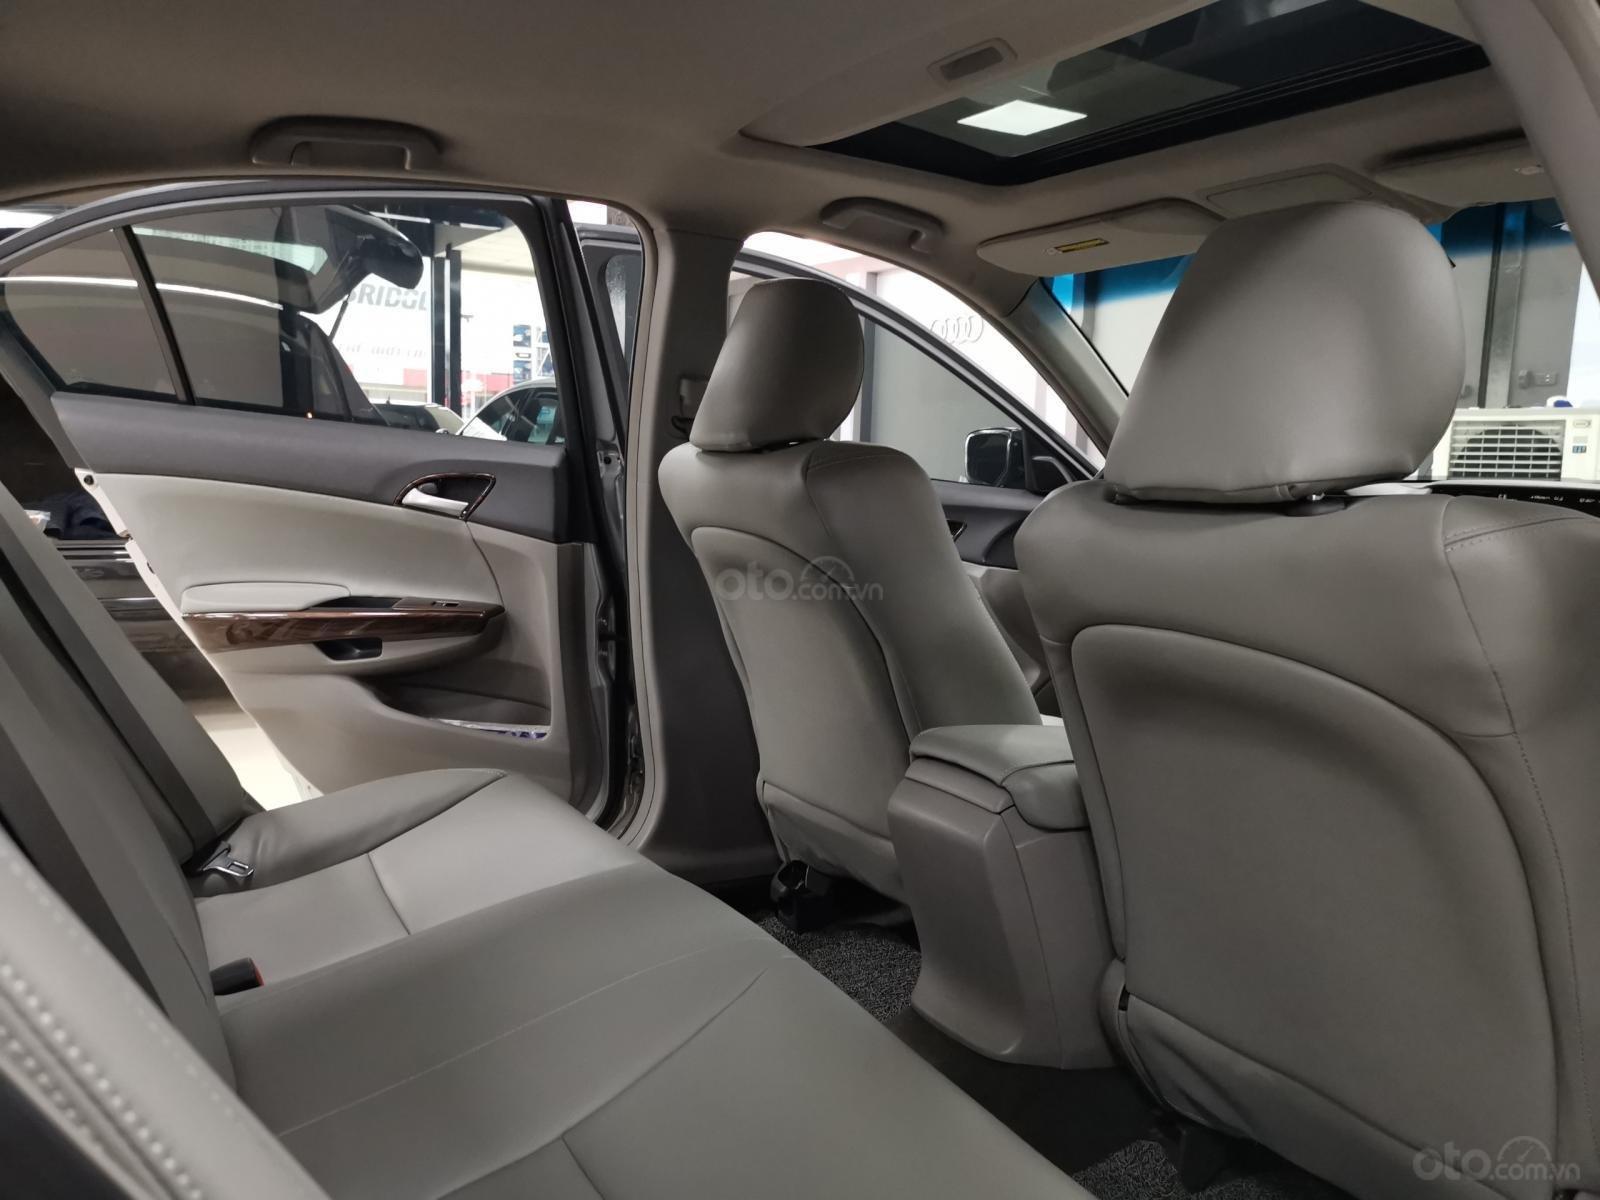 Bán nhanh với giá thấp chiếc Honda Accord sản xuất năm 2007 (14)